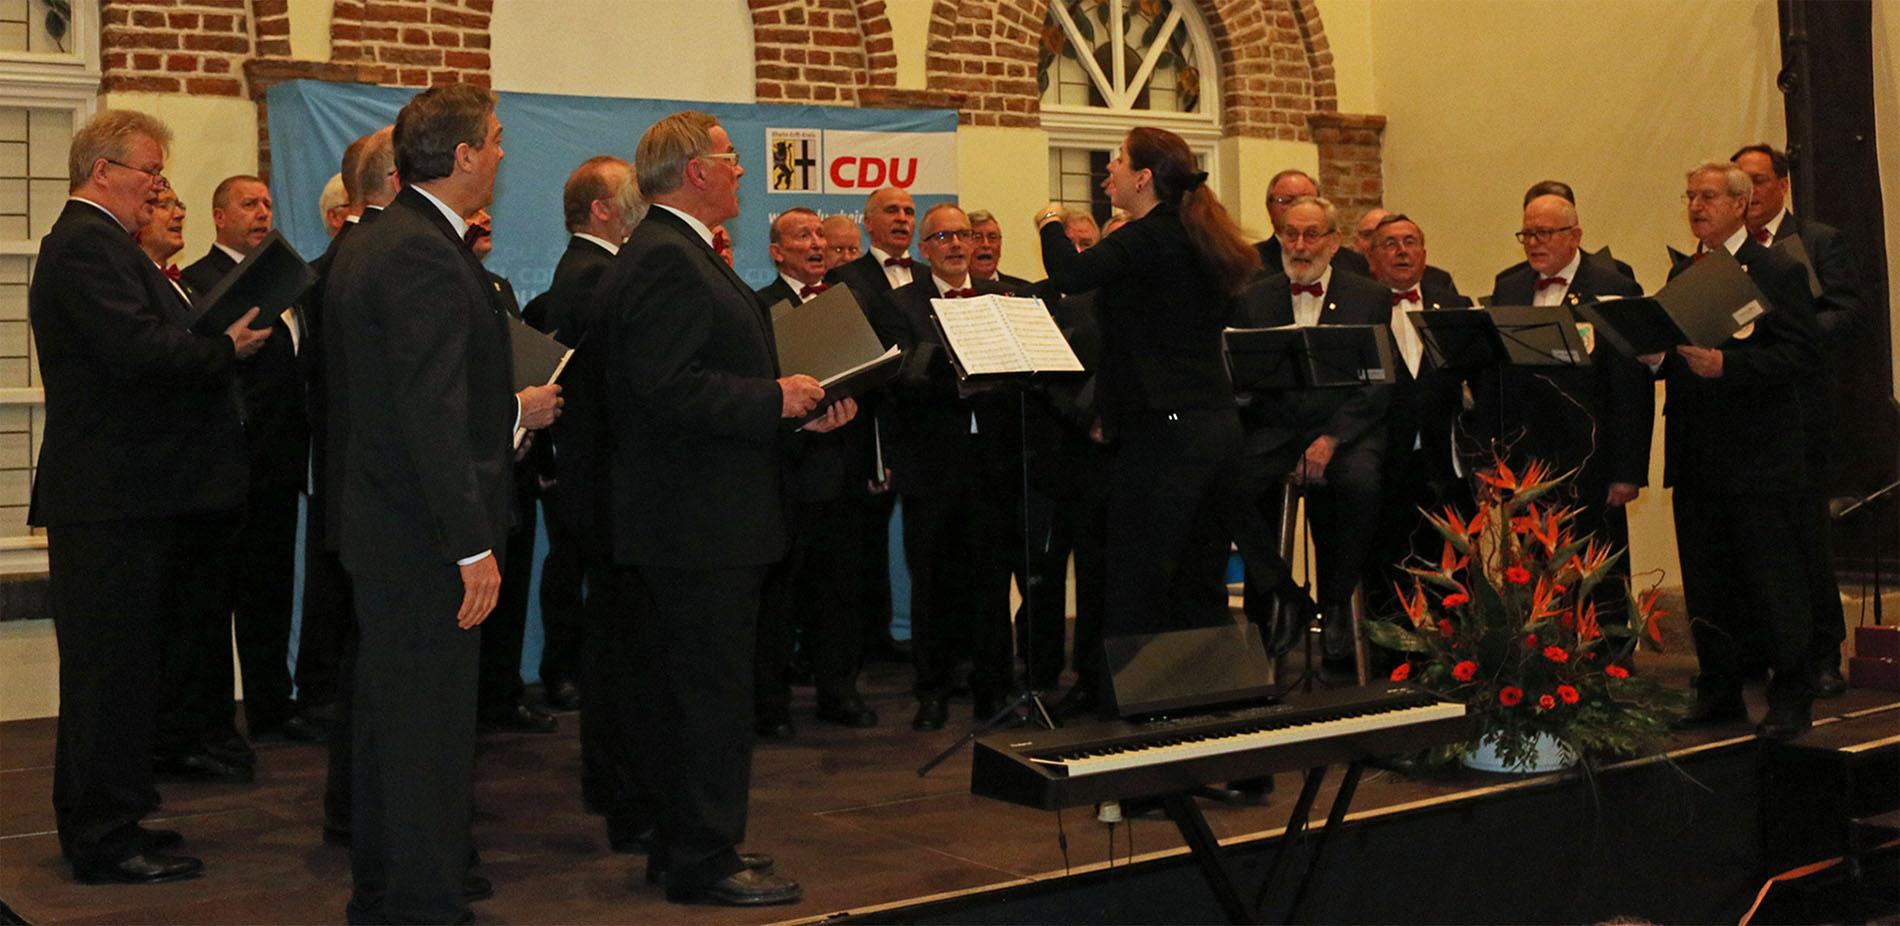 Der MGV Quartettverein 1930 Königshoven e. V. sorgte mit Chorleiterin Daniela Bosenius für die musikalische Gestaltung des Rahmenprogramms beim Neujahrsempfang der CDU Bedburg auf Schloss Bedburg. (Fotos: Bastian Schlößer)